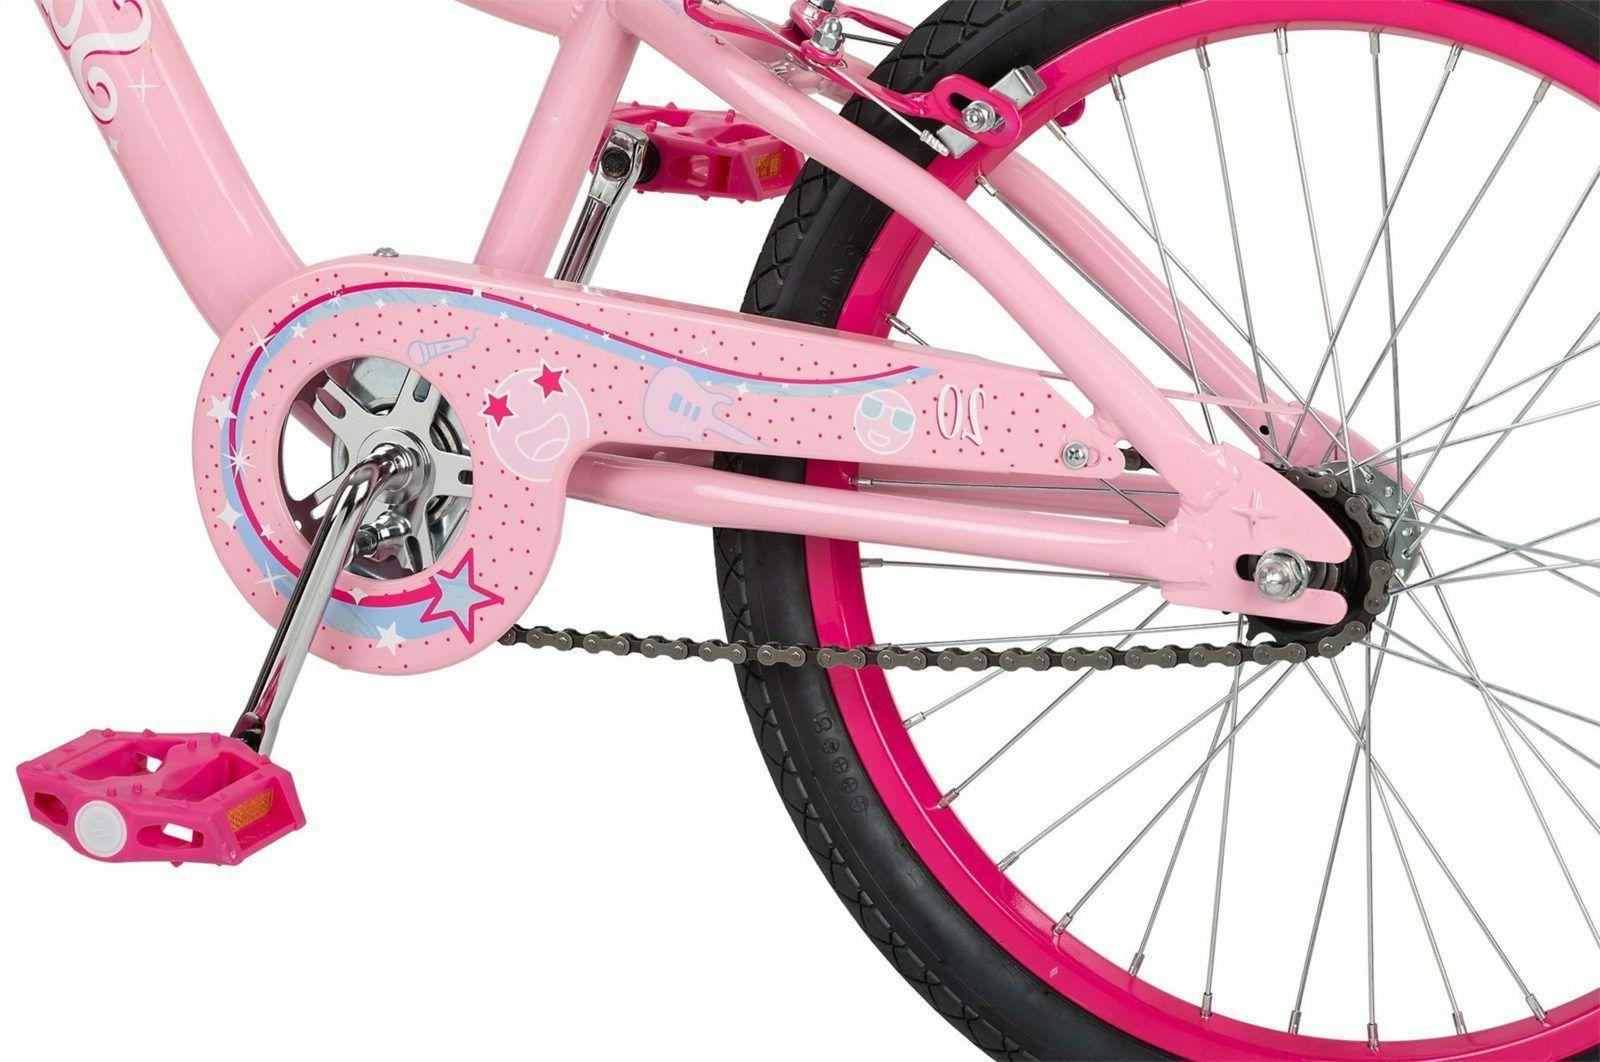 Schwinn Bike, 20-inch wheels, single speed, pink